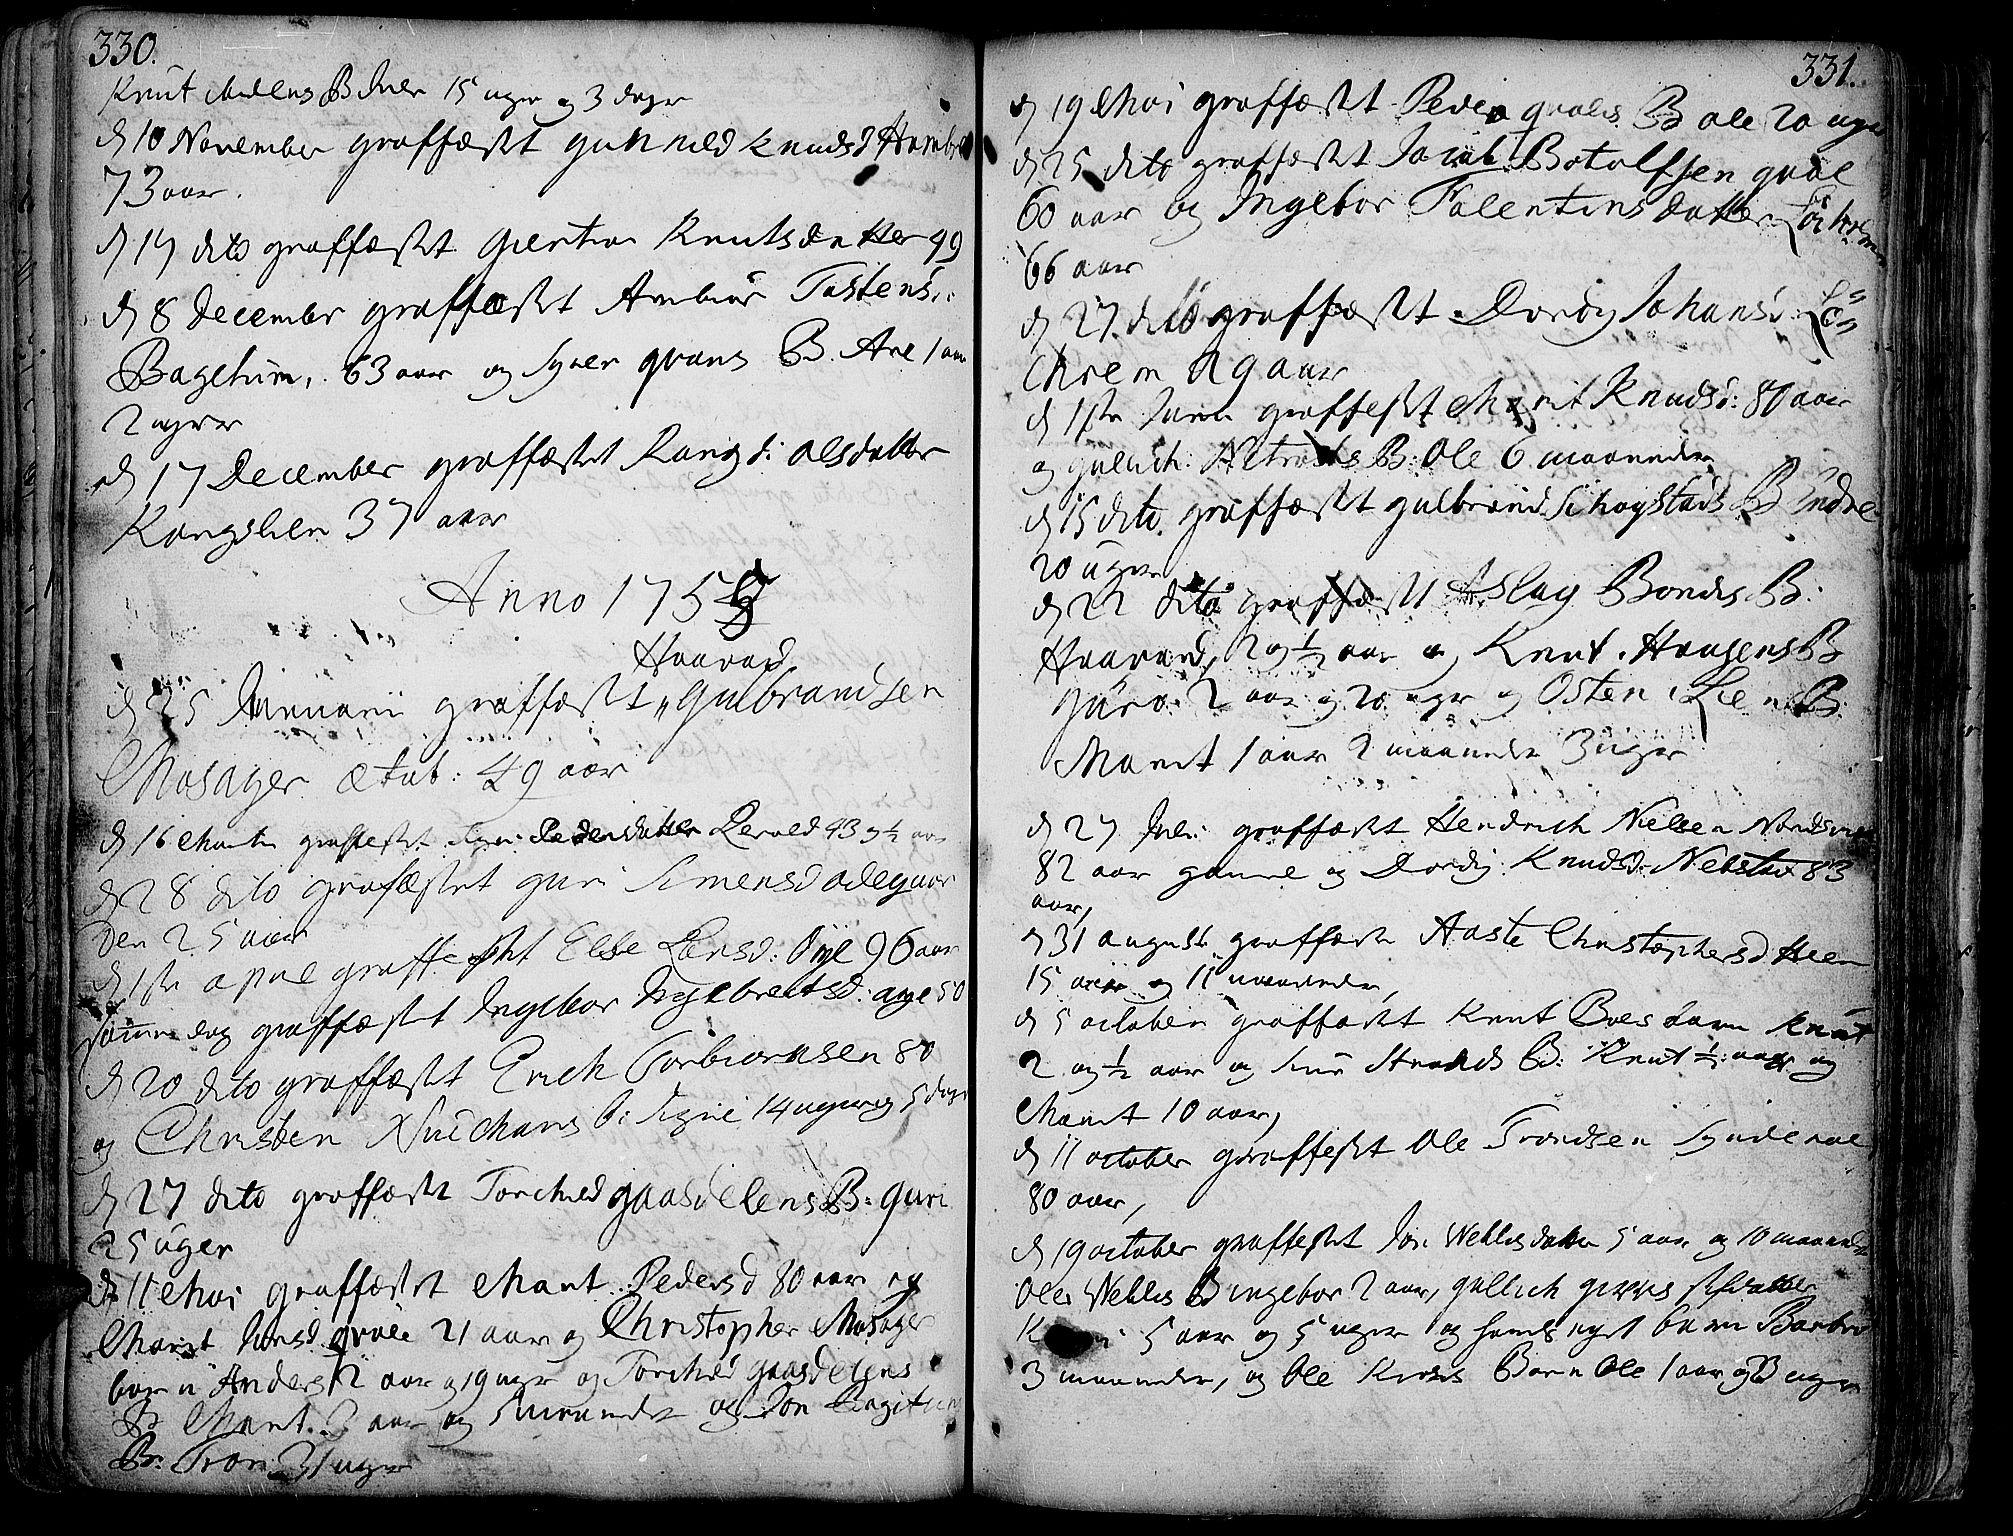 SAH, Vang prestekontor, Valdres, Ministerialbok nr. 1, 1730-1796, s. 330-331